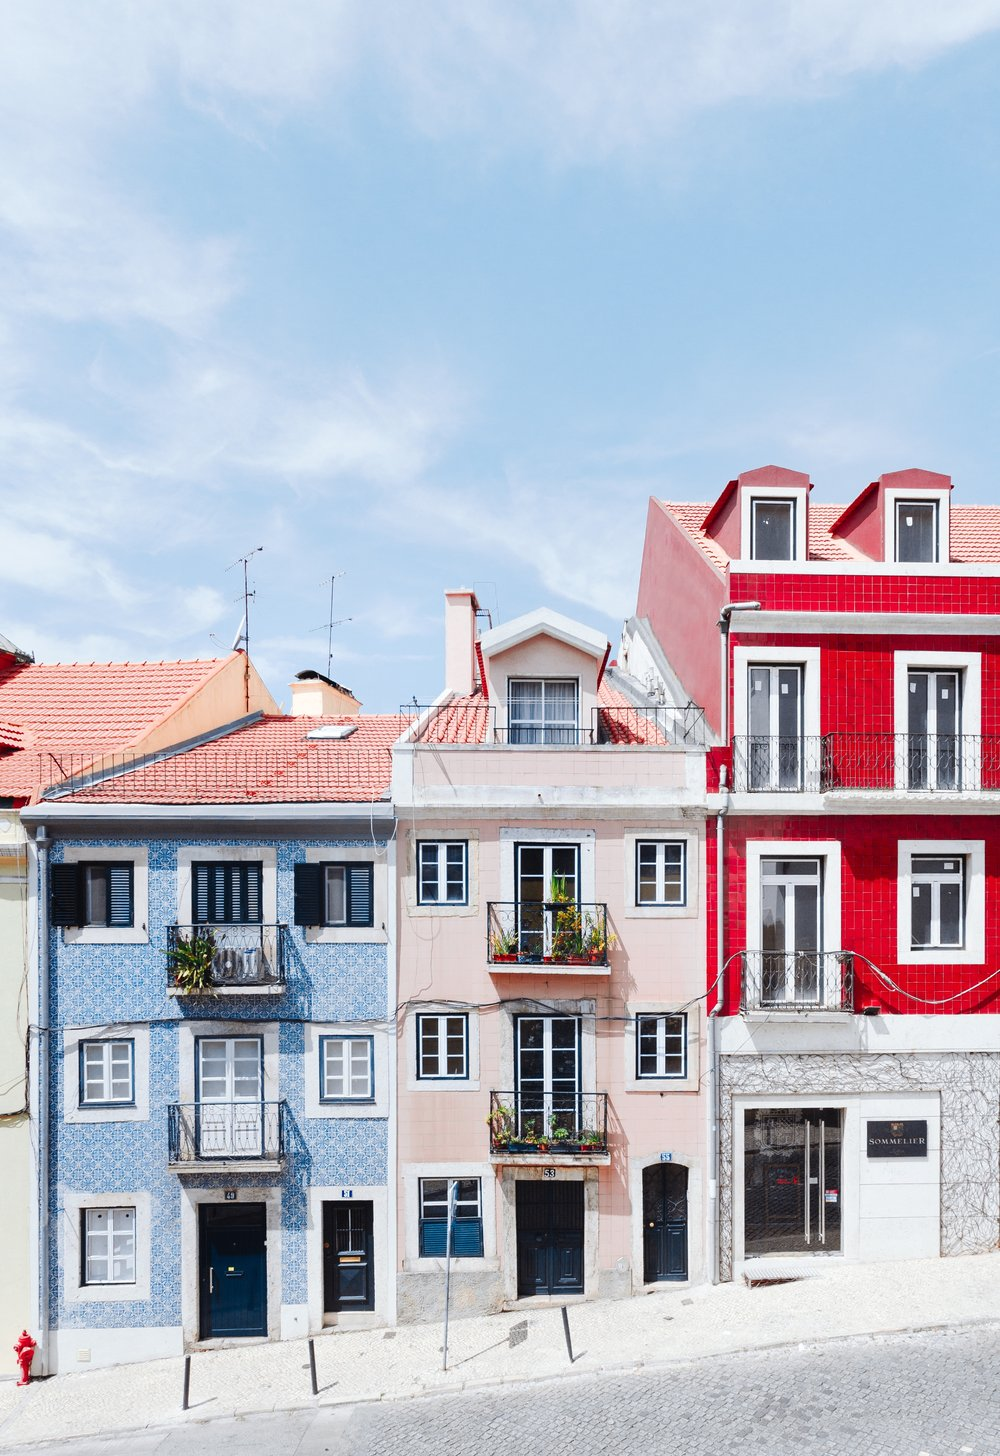 Houses - hugo-sousa.jpg